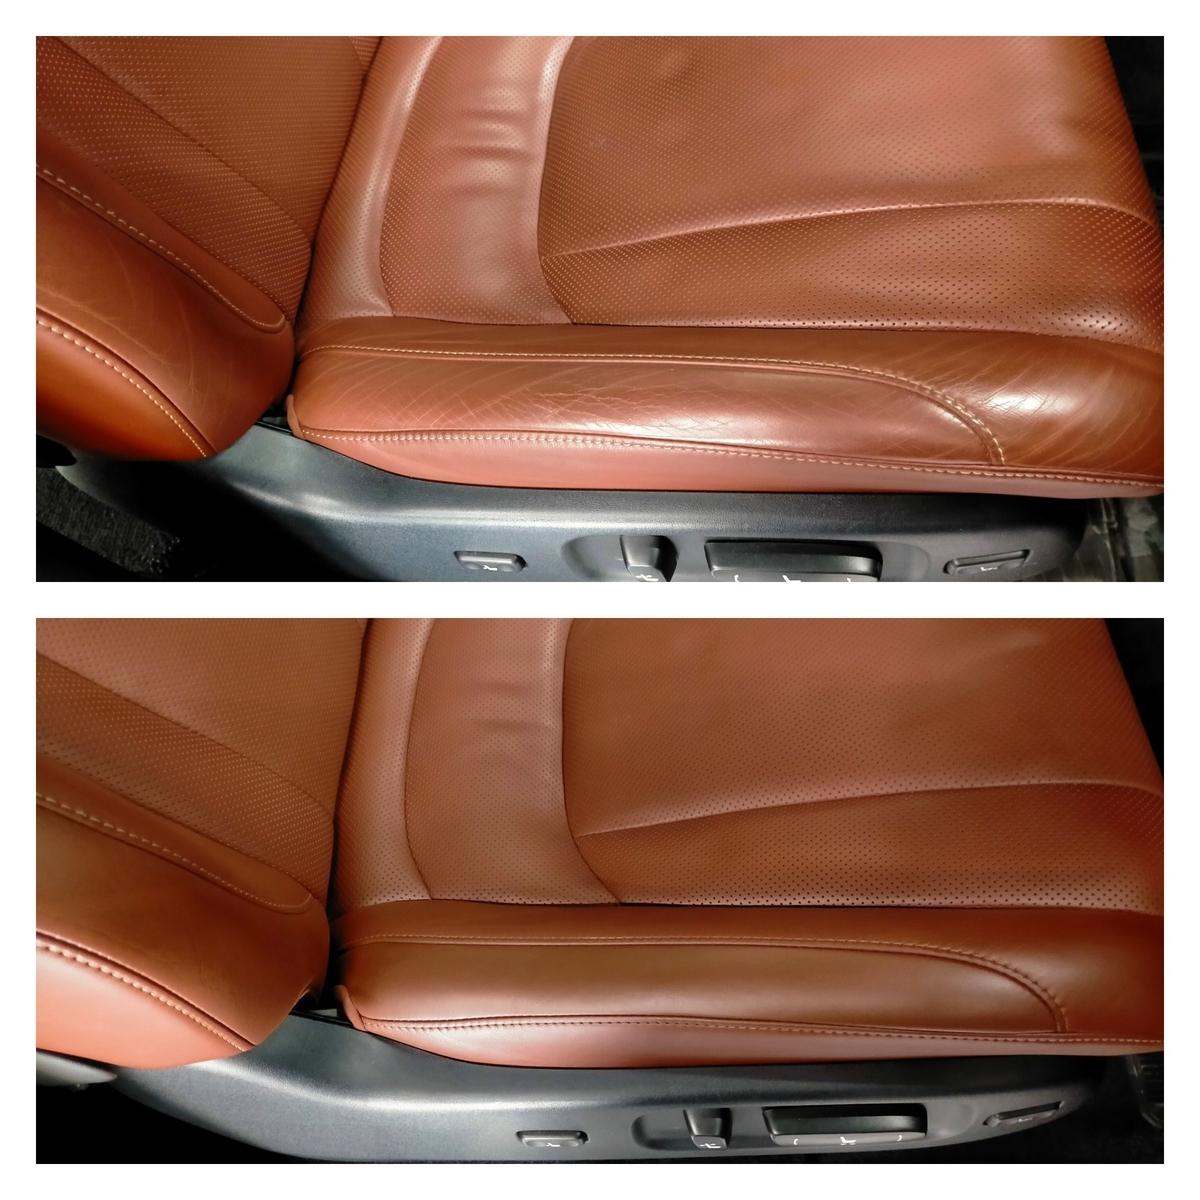 レクサス/LX570樹脂硬化型コーティング【Ω /OMEGA】1年メンテナンス+ホイールコーティング+革シート保湿クリーニング+リペア札幌清田5